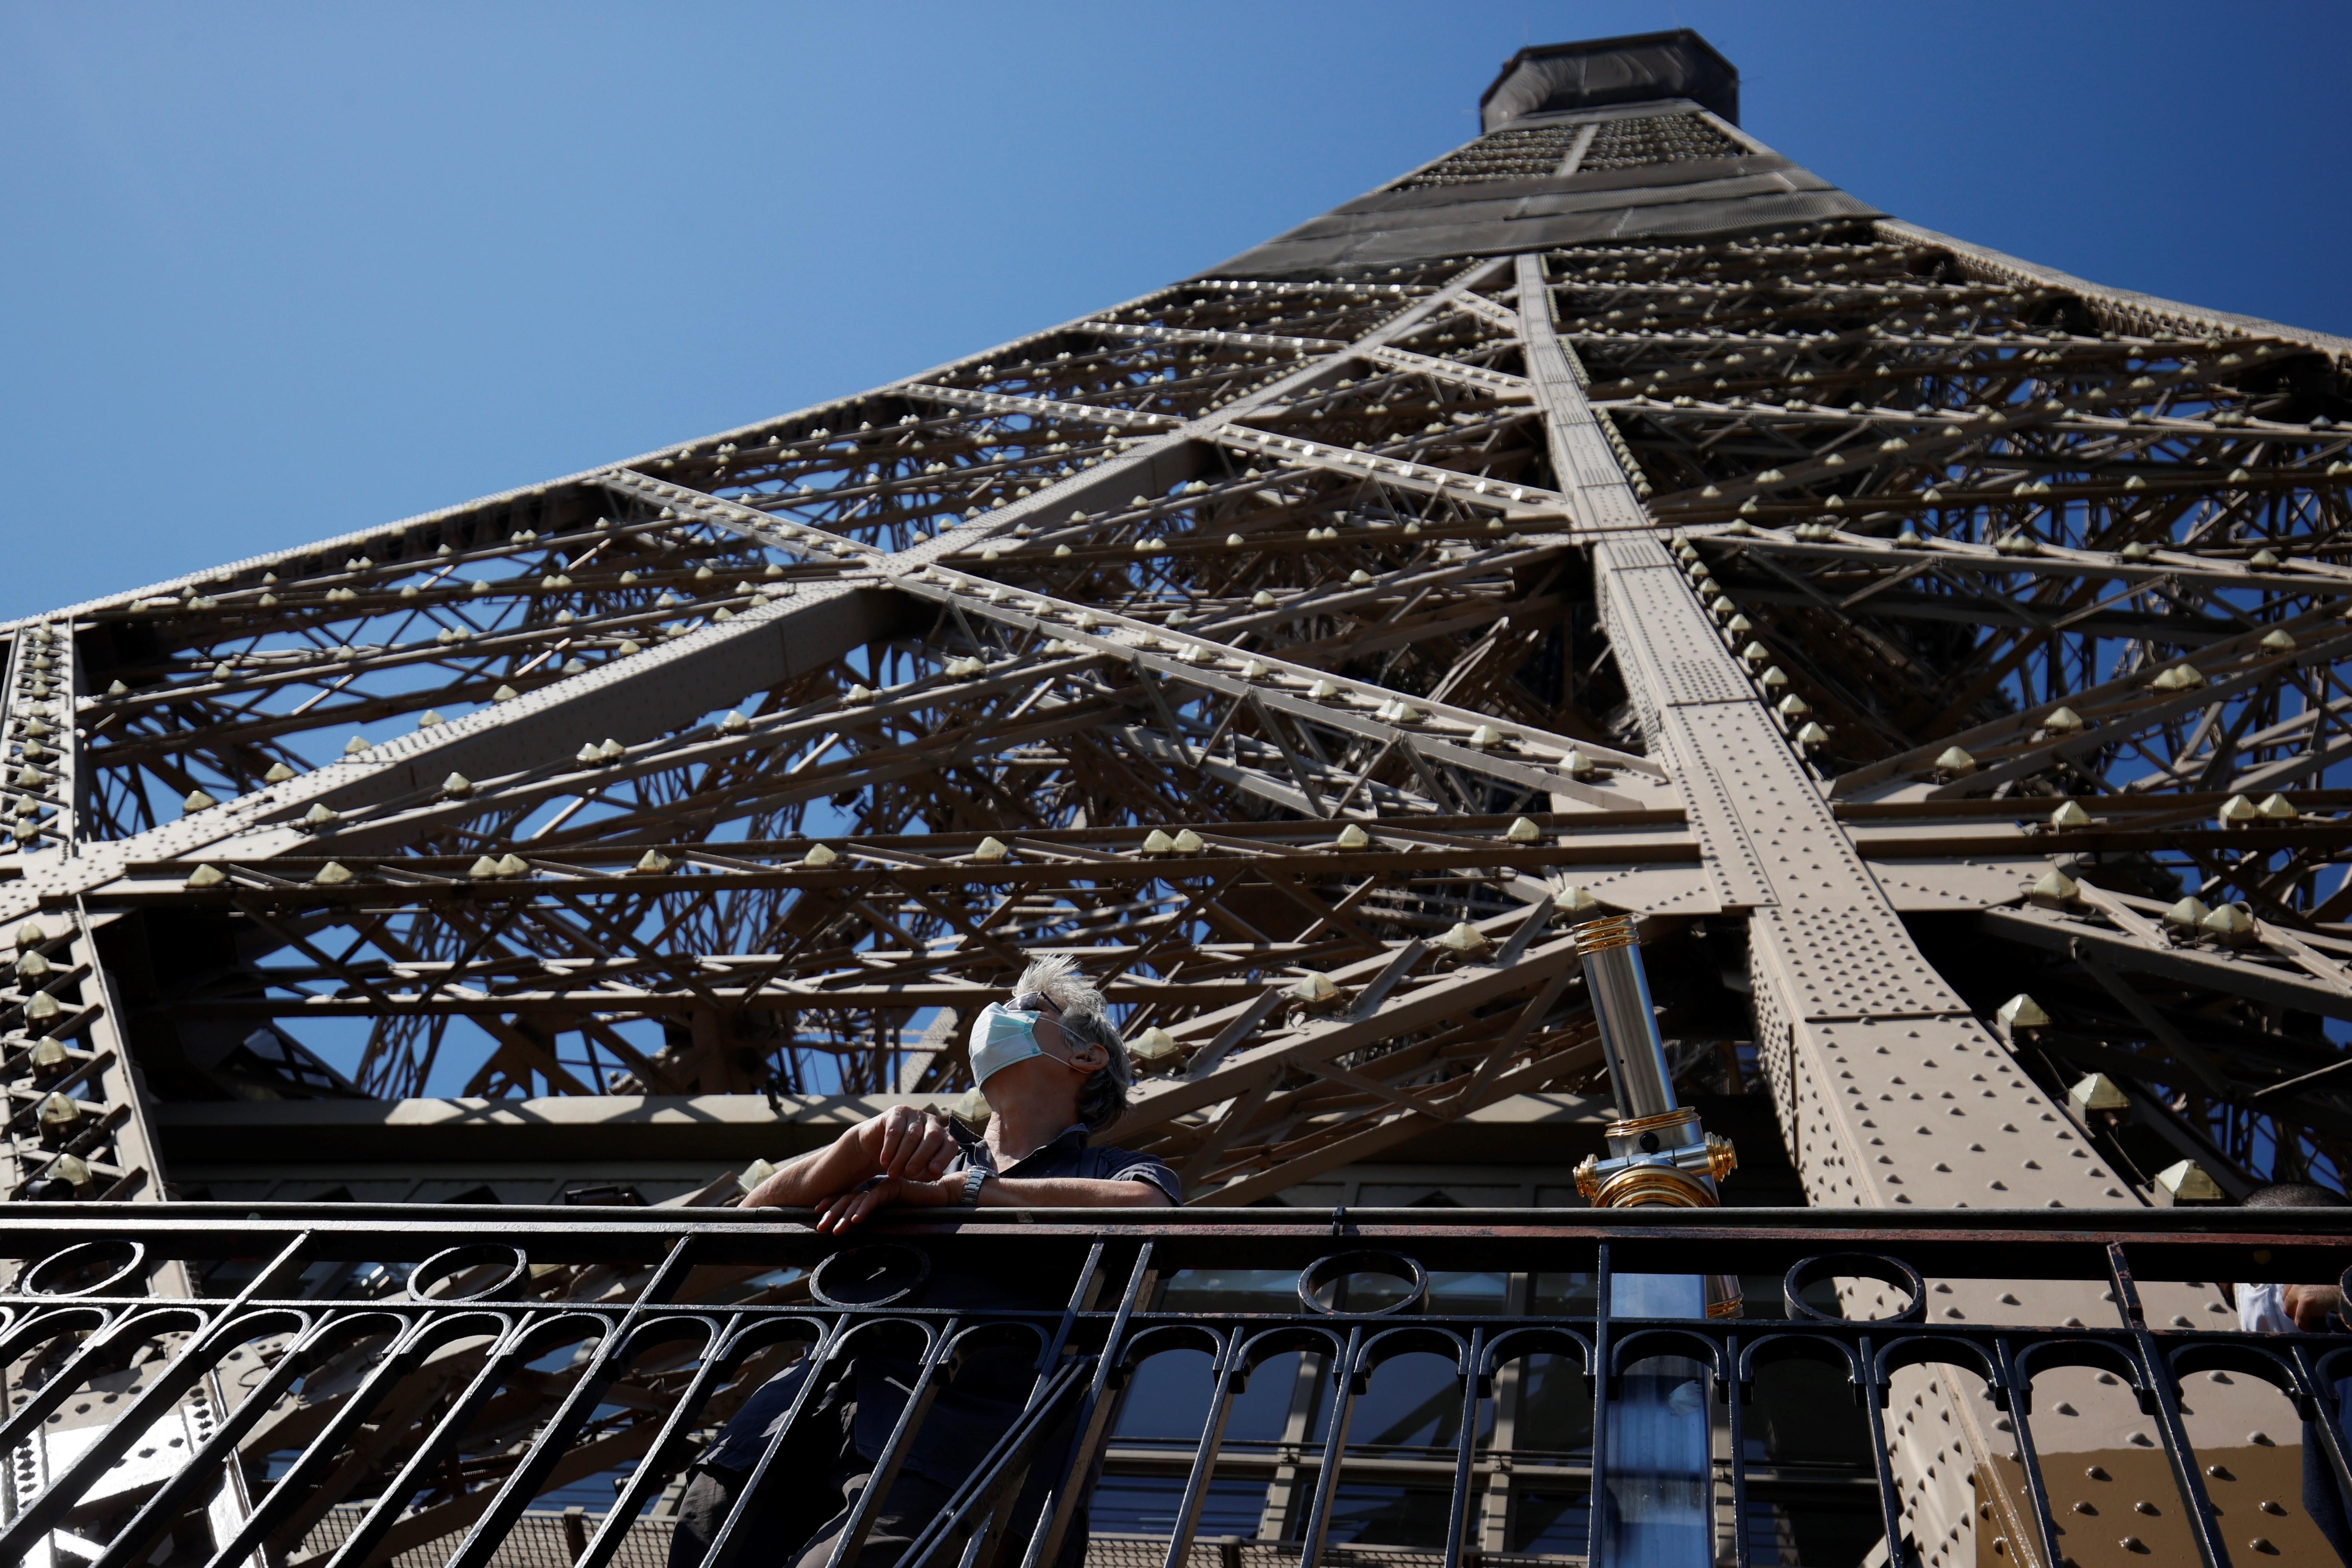 Aunque dejó de acoger al público desde el 13 de marzo, la Dama de Hierro, siguió iluminando todas las noches el cielo de París.También rindió homenaje al personal sanitario con un gran